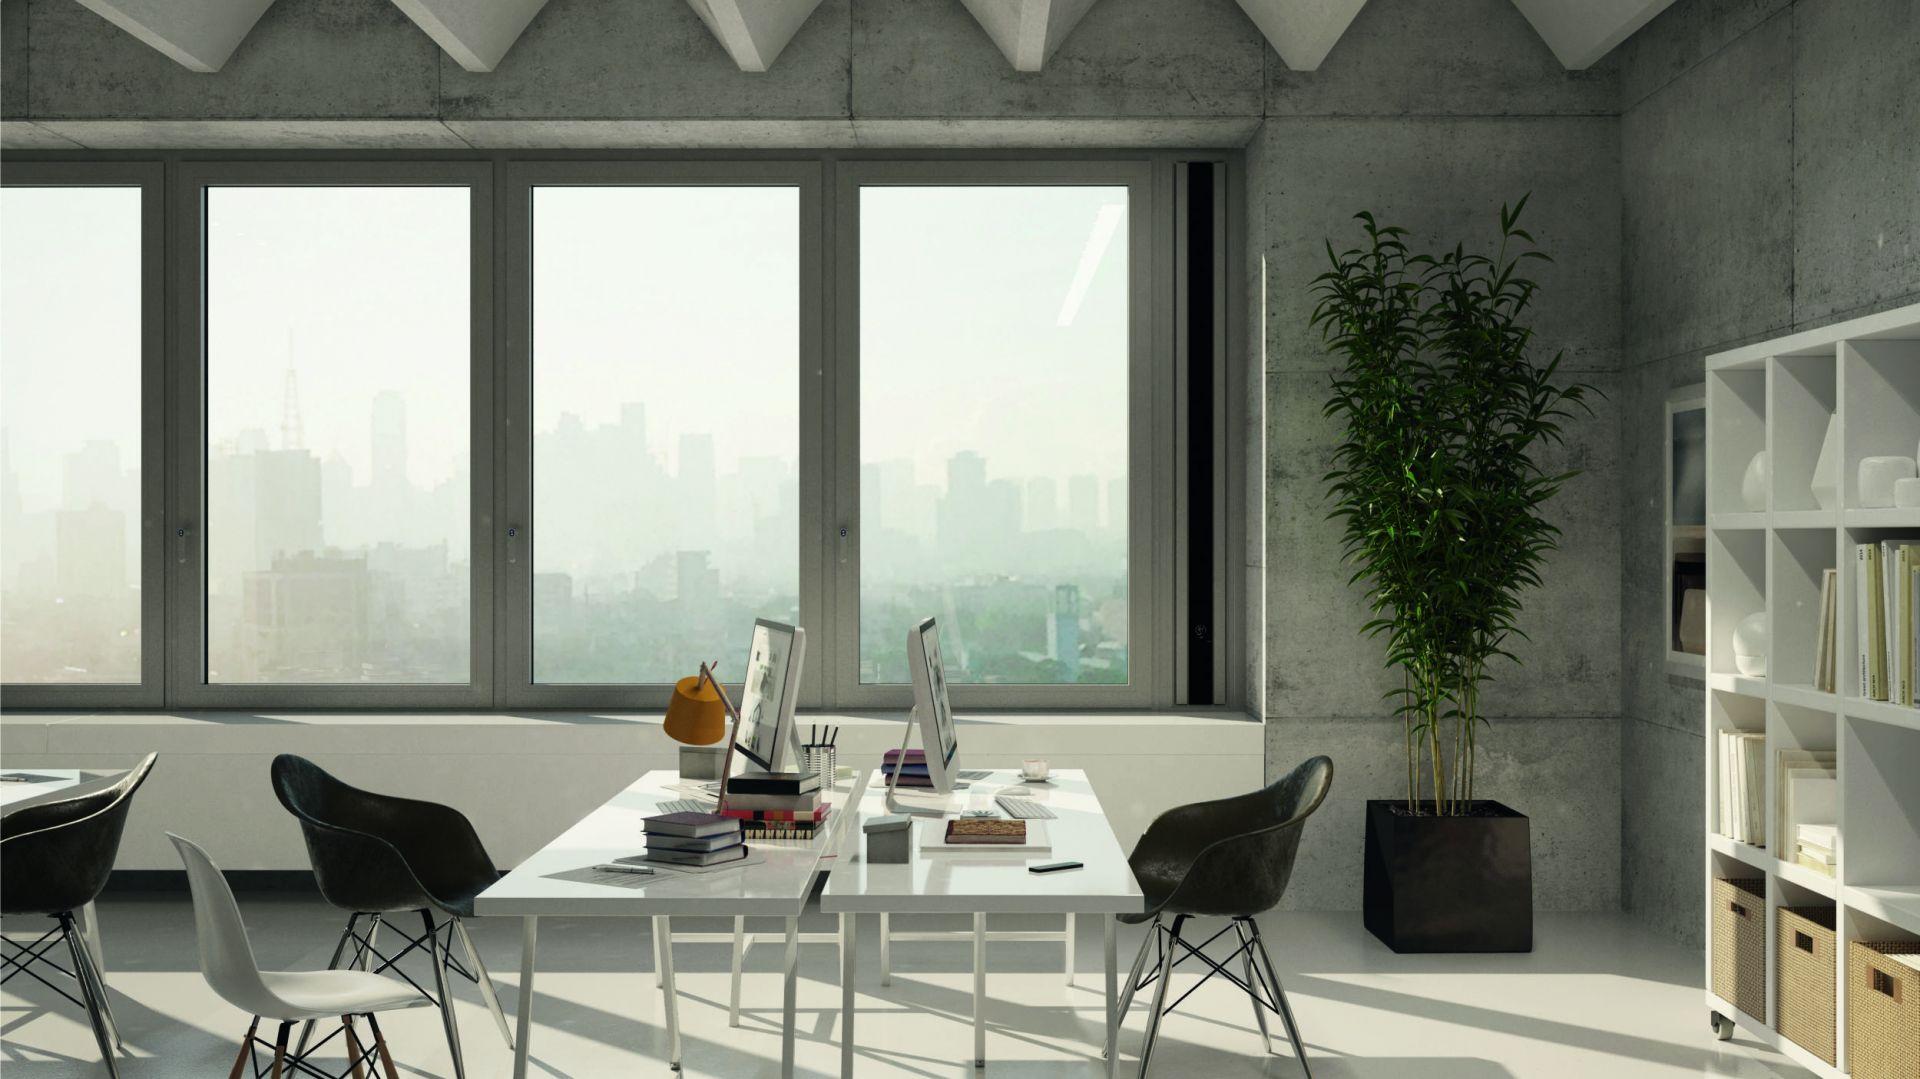 Rozwiązania w walce ze smogiem - okna antysmogowe. Fot. Schüco